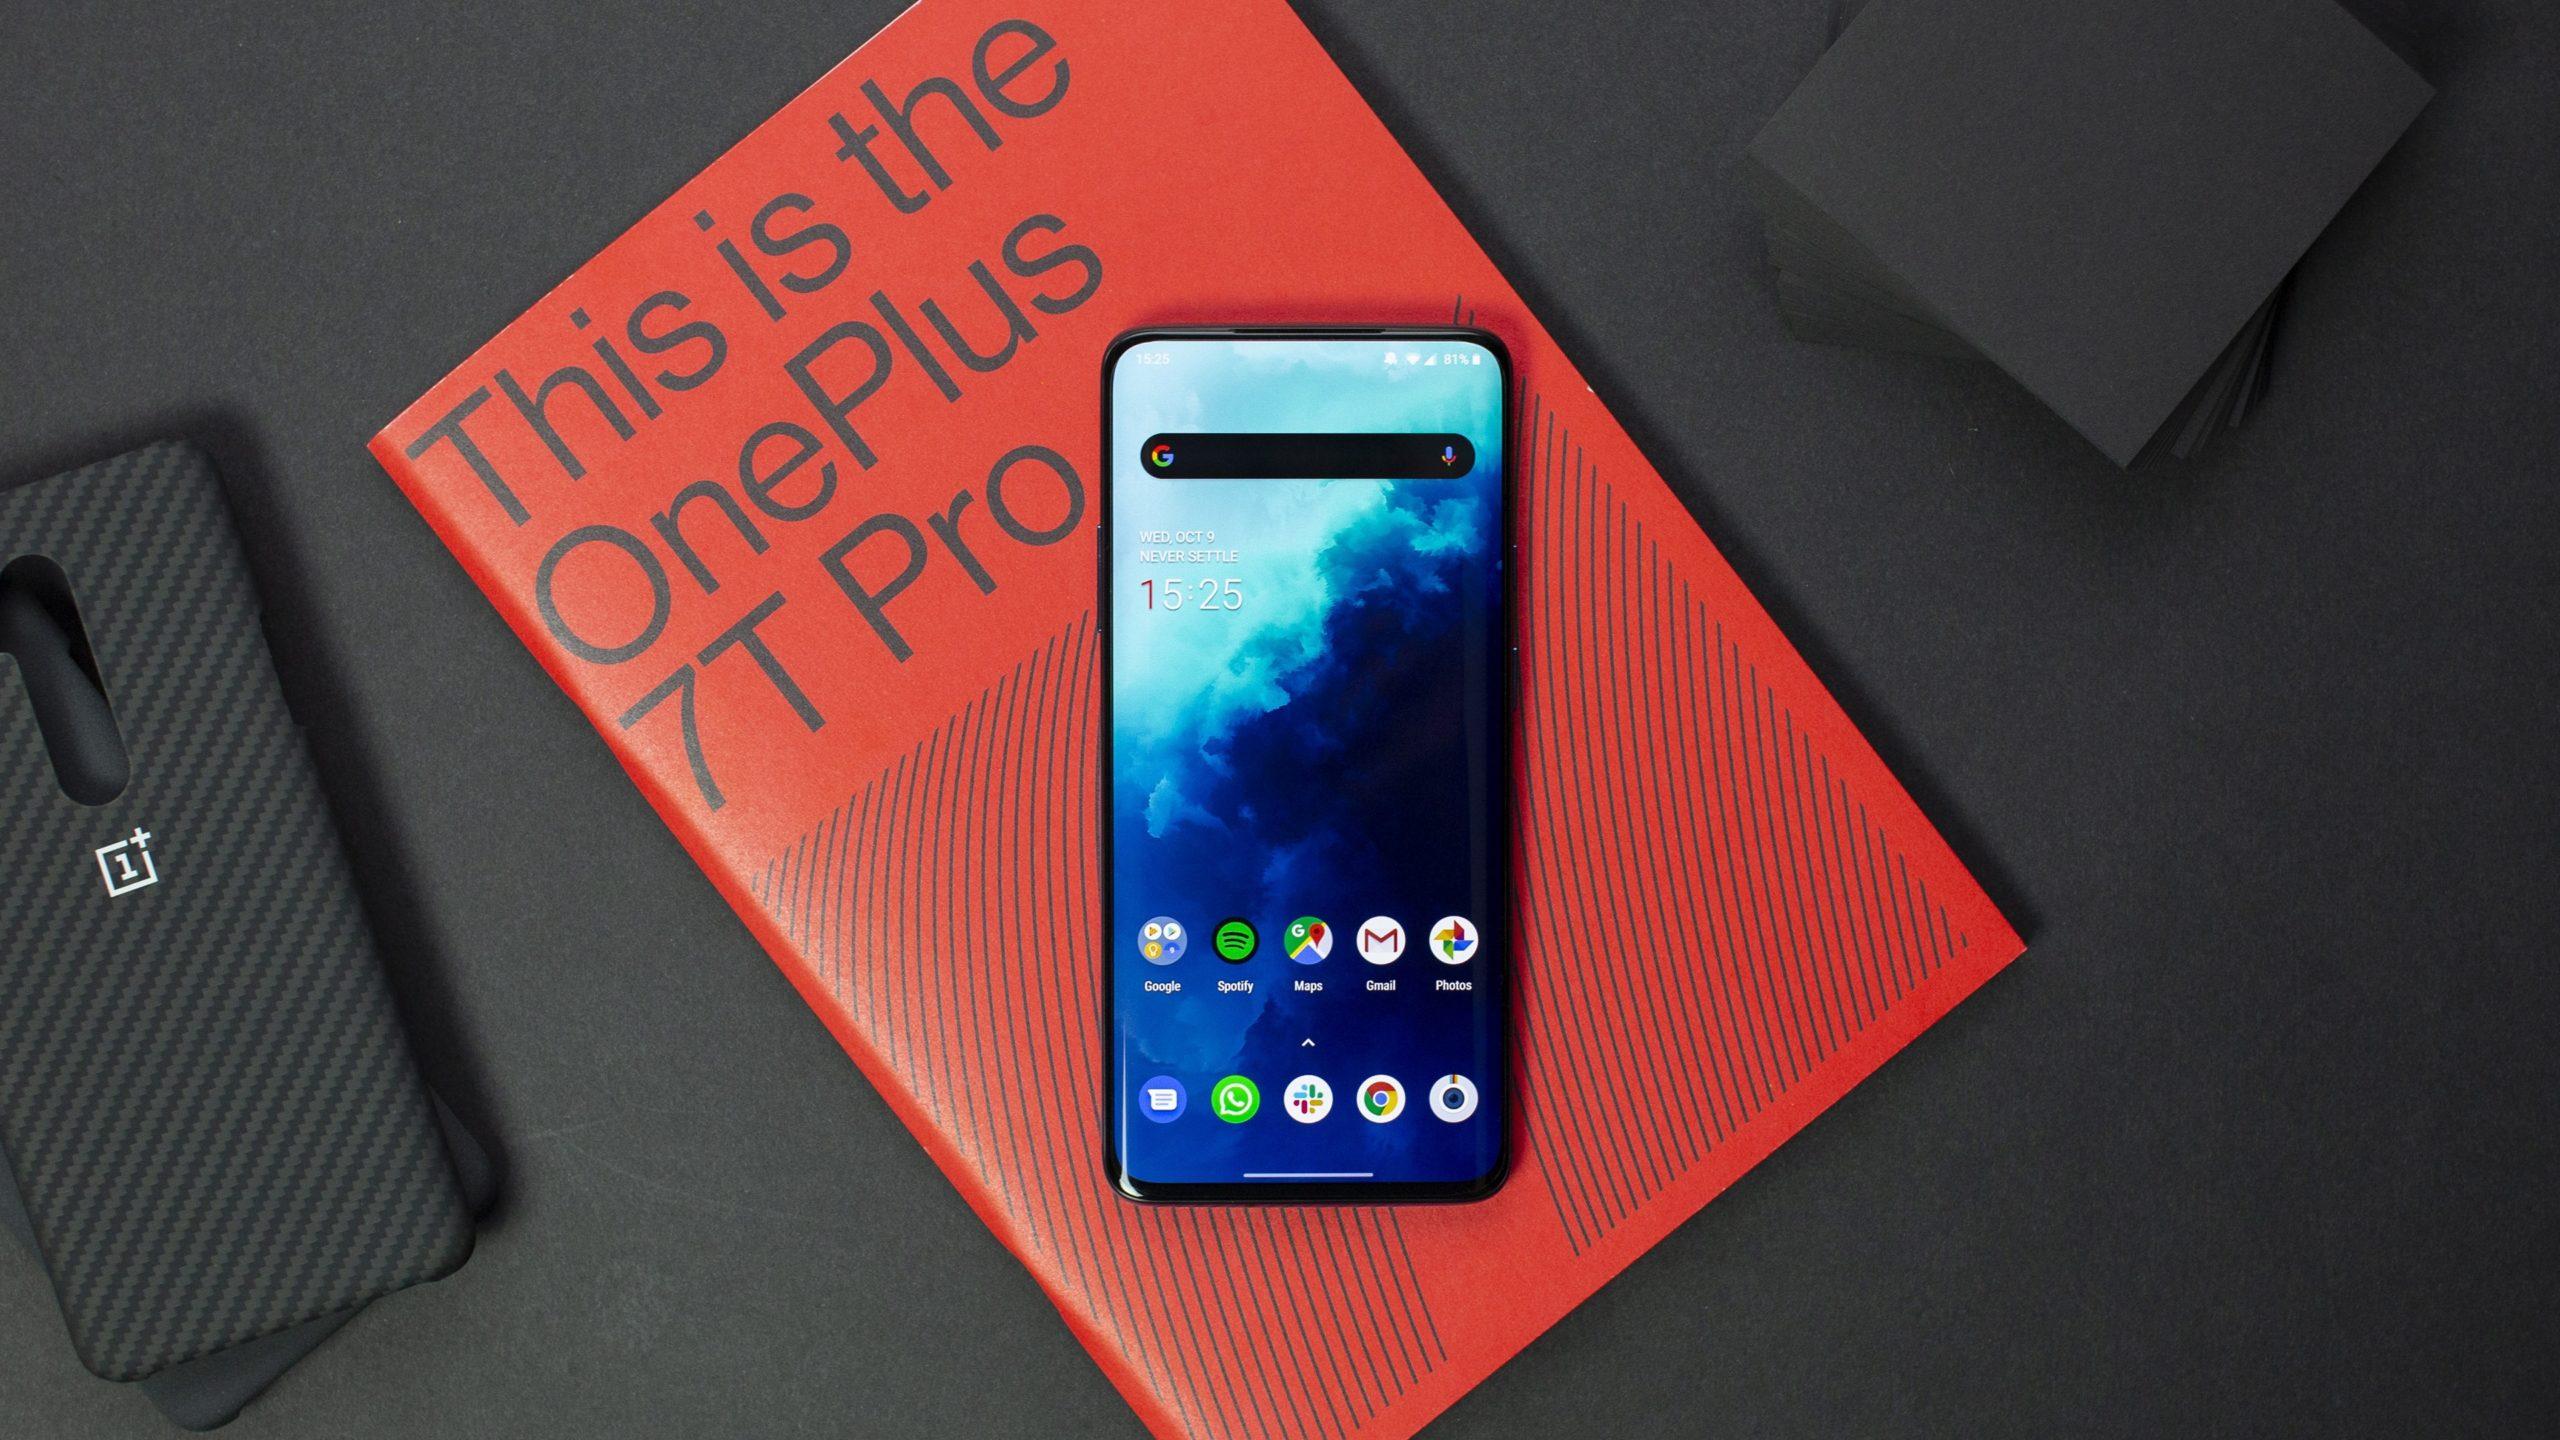 OnePlus 7T Pro – Design